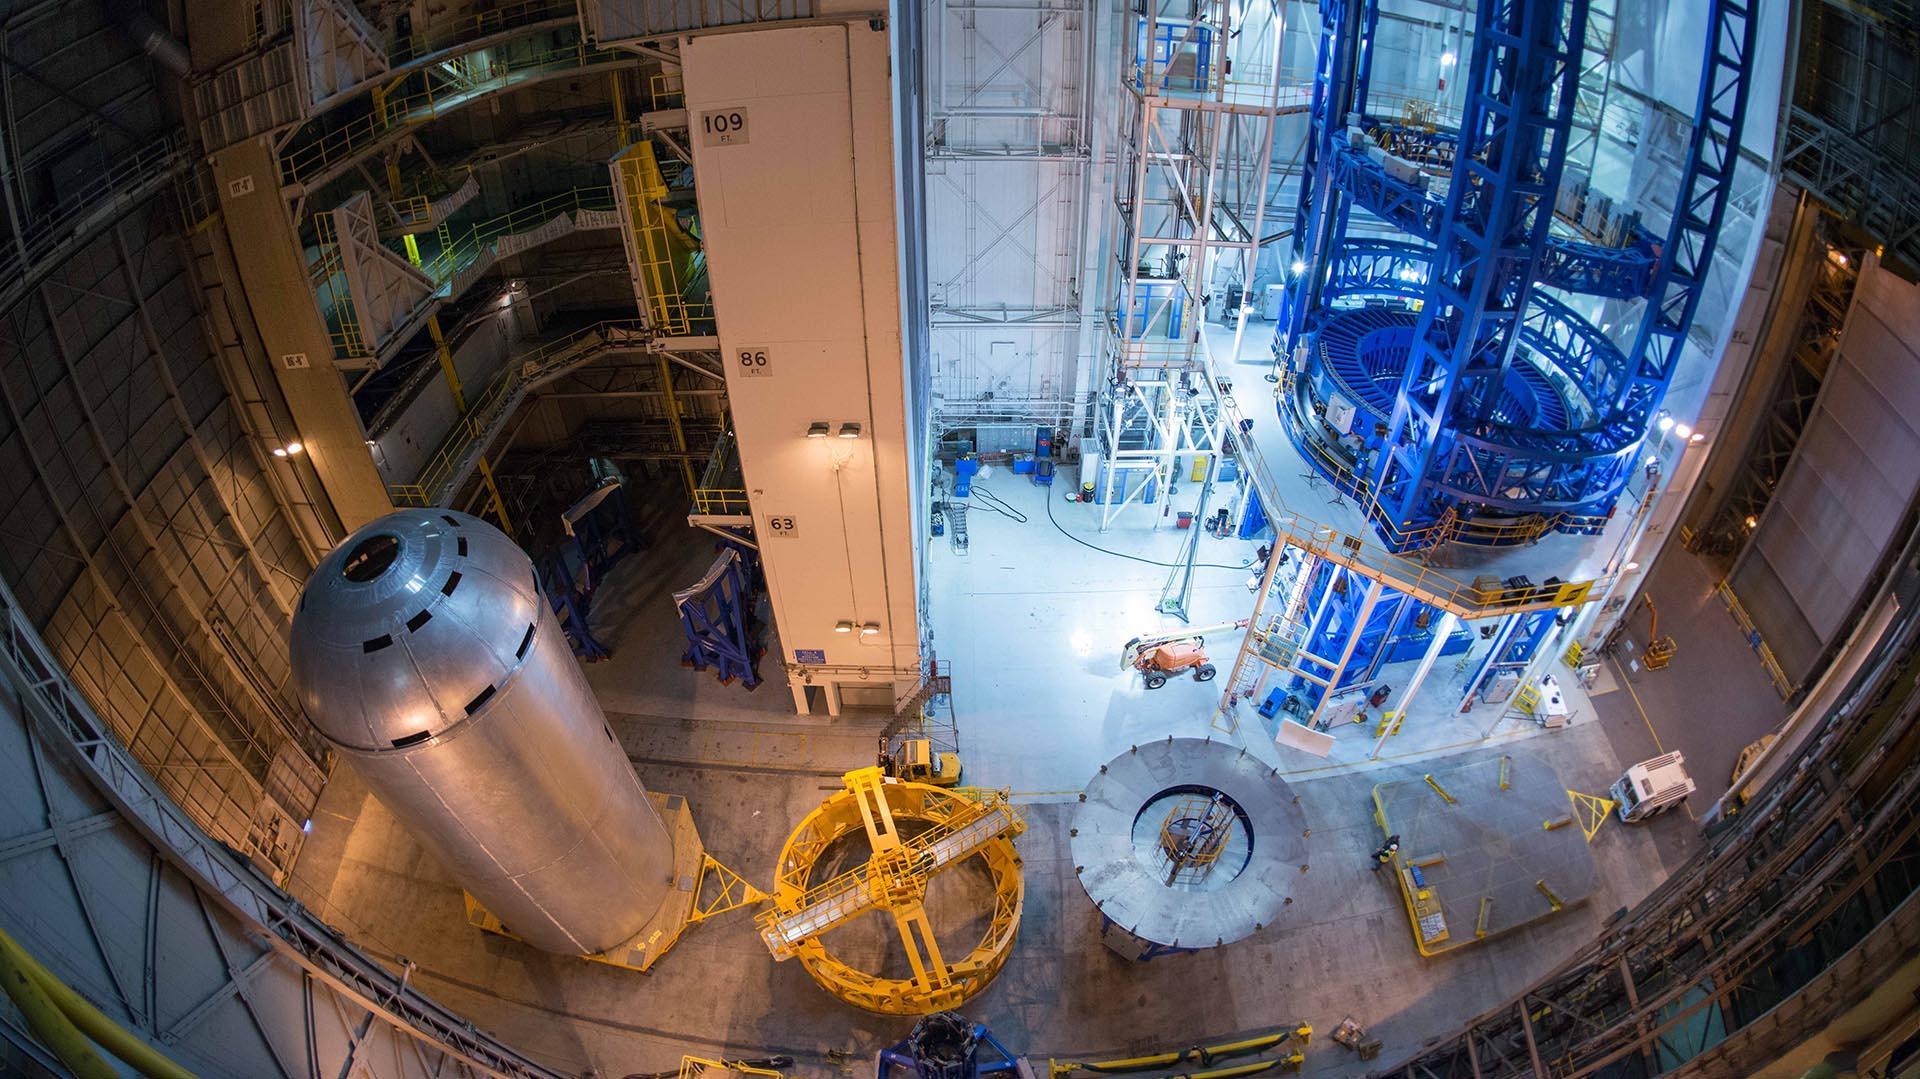 El tanque de hidrógeno, ya soldado, descansa a la izquierda de la imagen antes de ser colocado en la estructura del cohete. Al observar la pieza soldada al completo se puede verificar que el trabajo ha sido tran preciso como estaba previsto